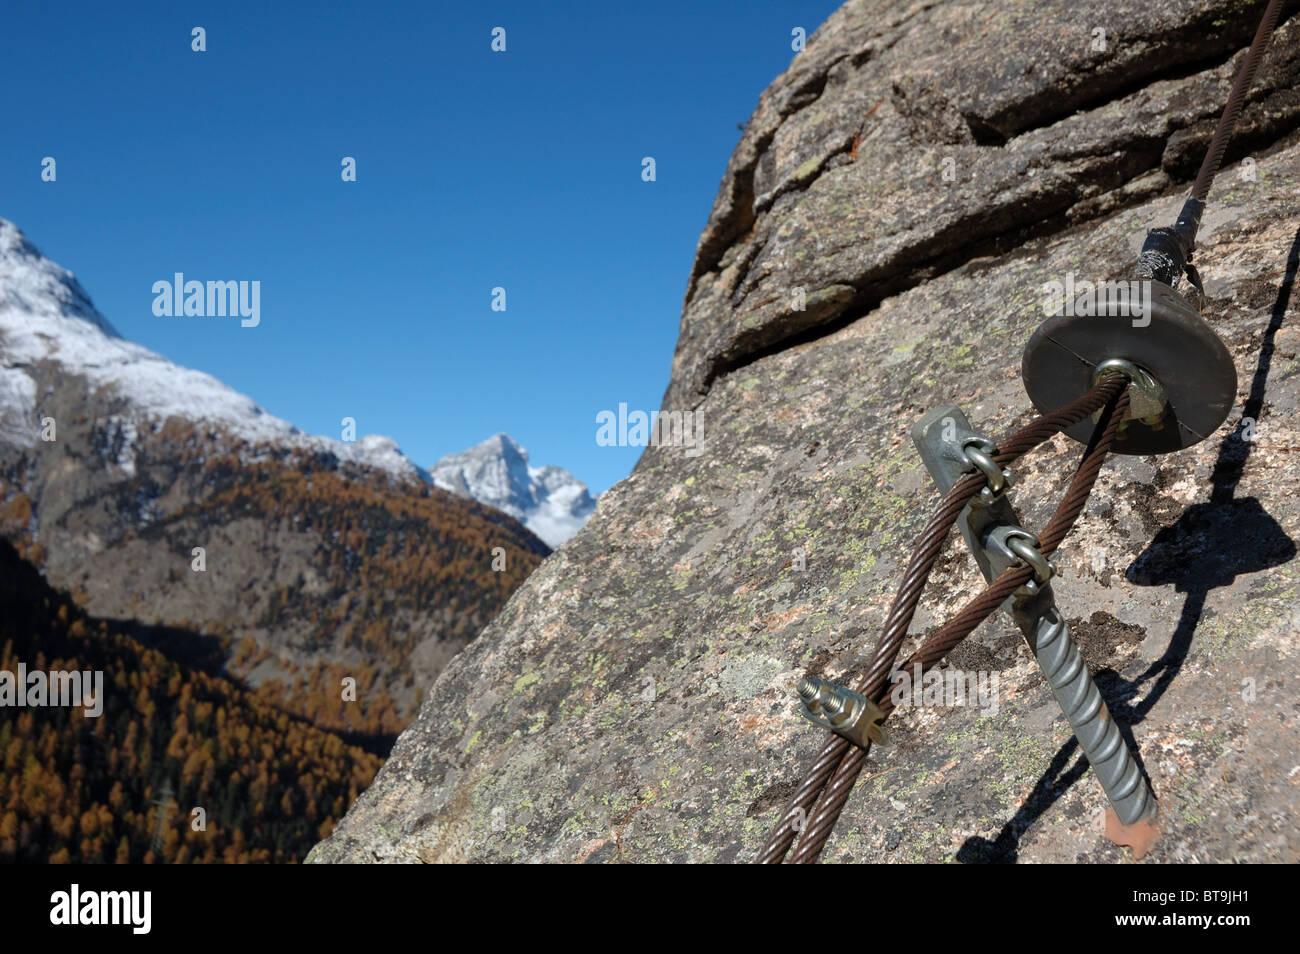 Klettersteig La Resgia : Bestandteil der festen schutz auf den klettersteig la resgia